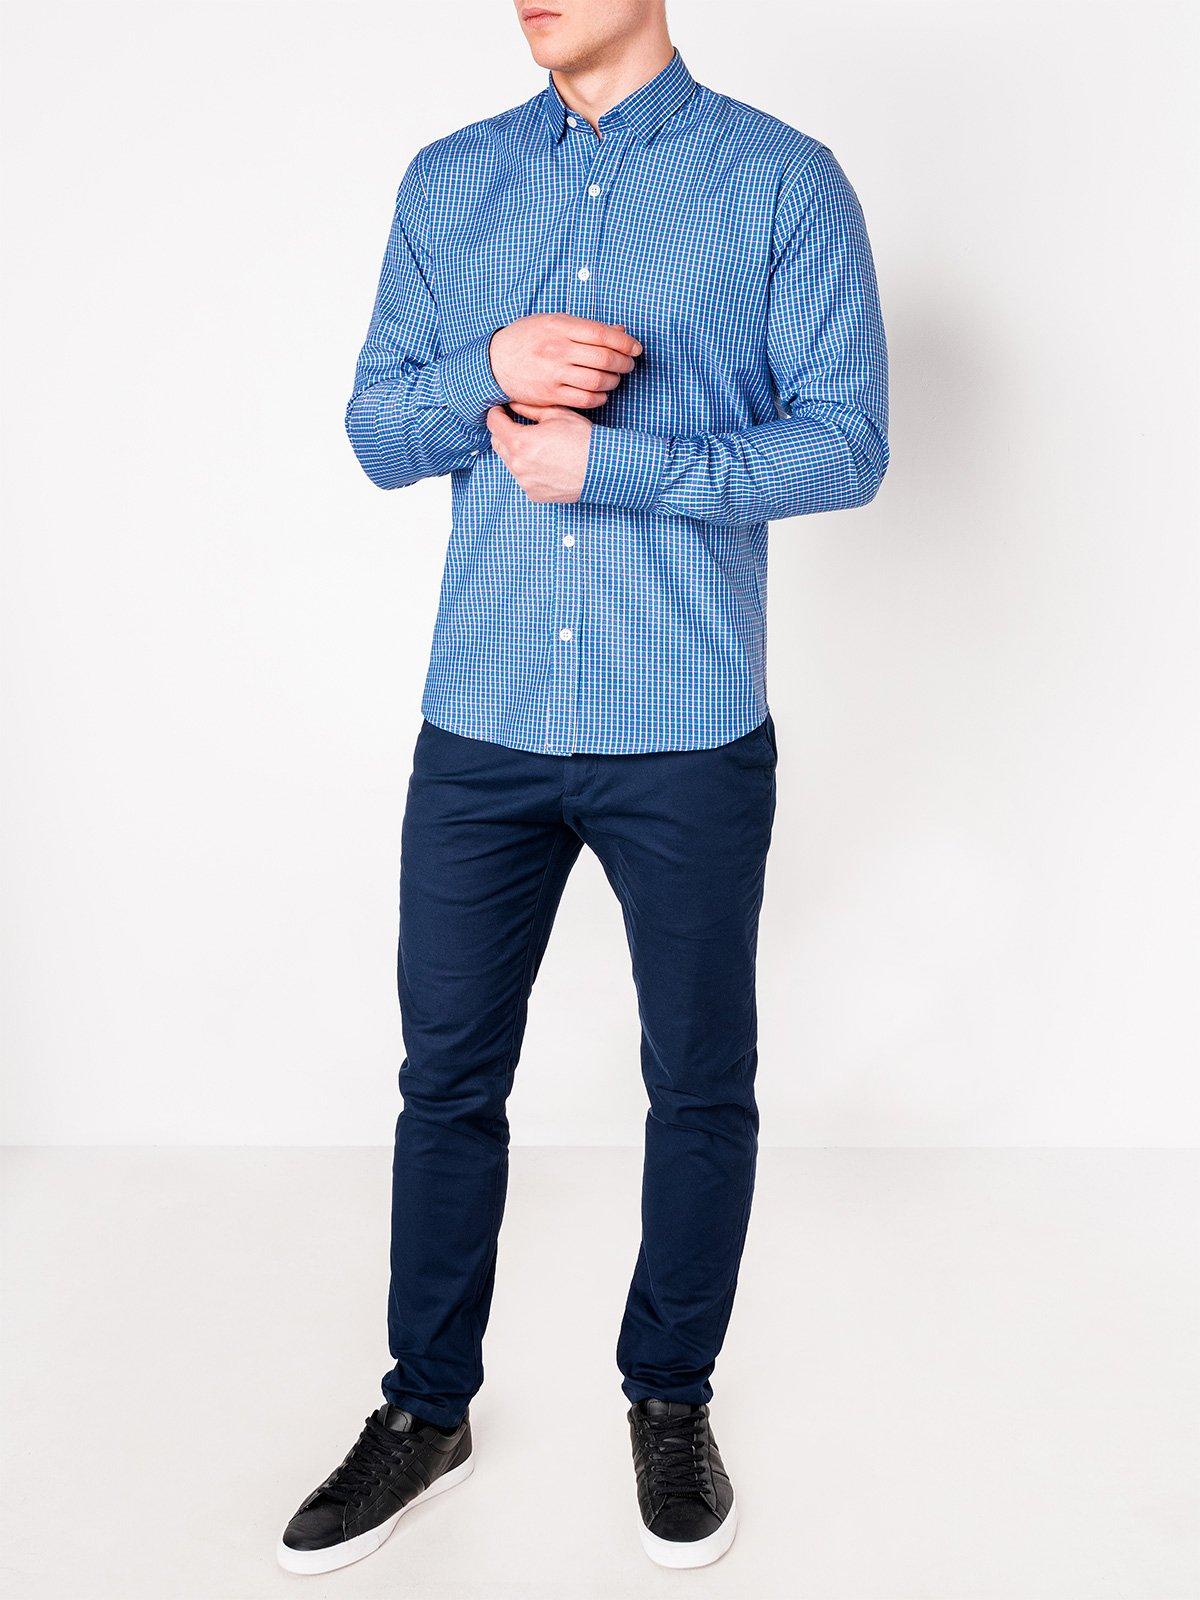 7ef0f7402a31e06 Мужская рубашка в клеточку с длинным рукавом K437 - голубая голубой ...